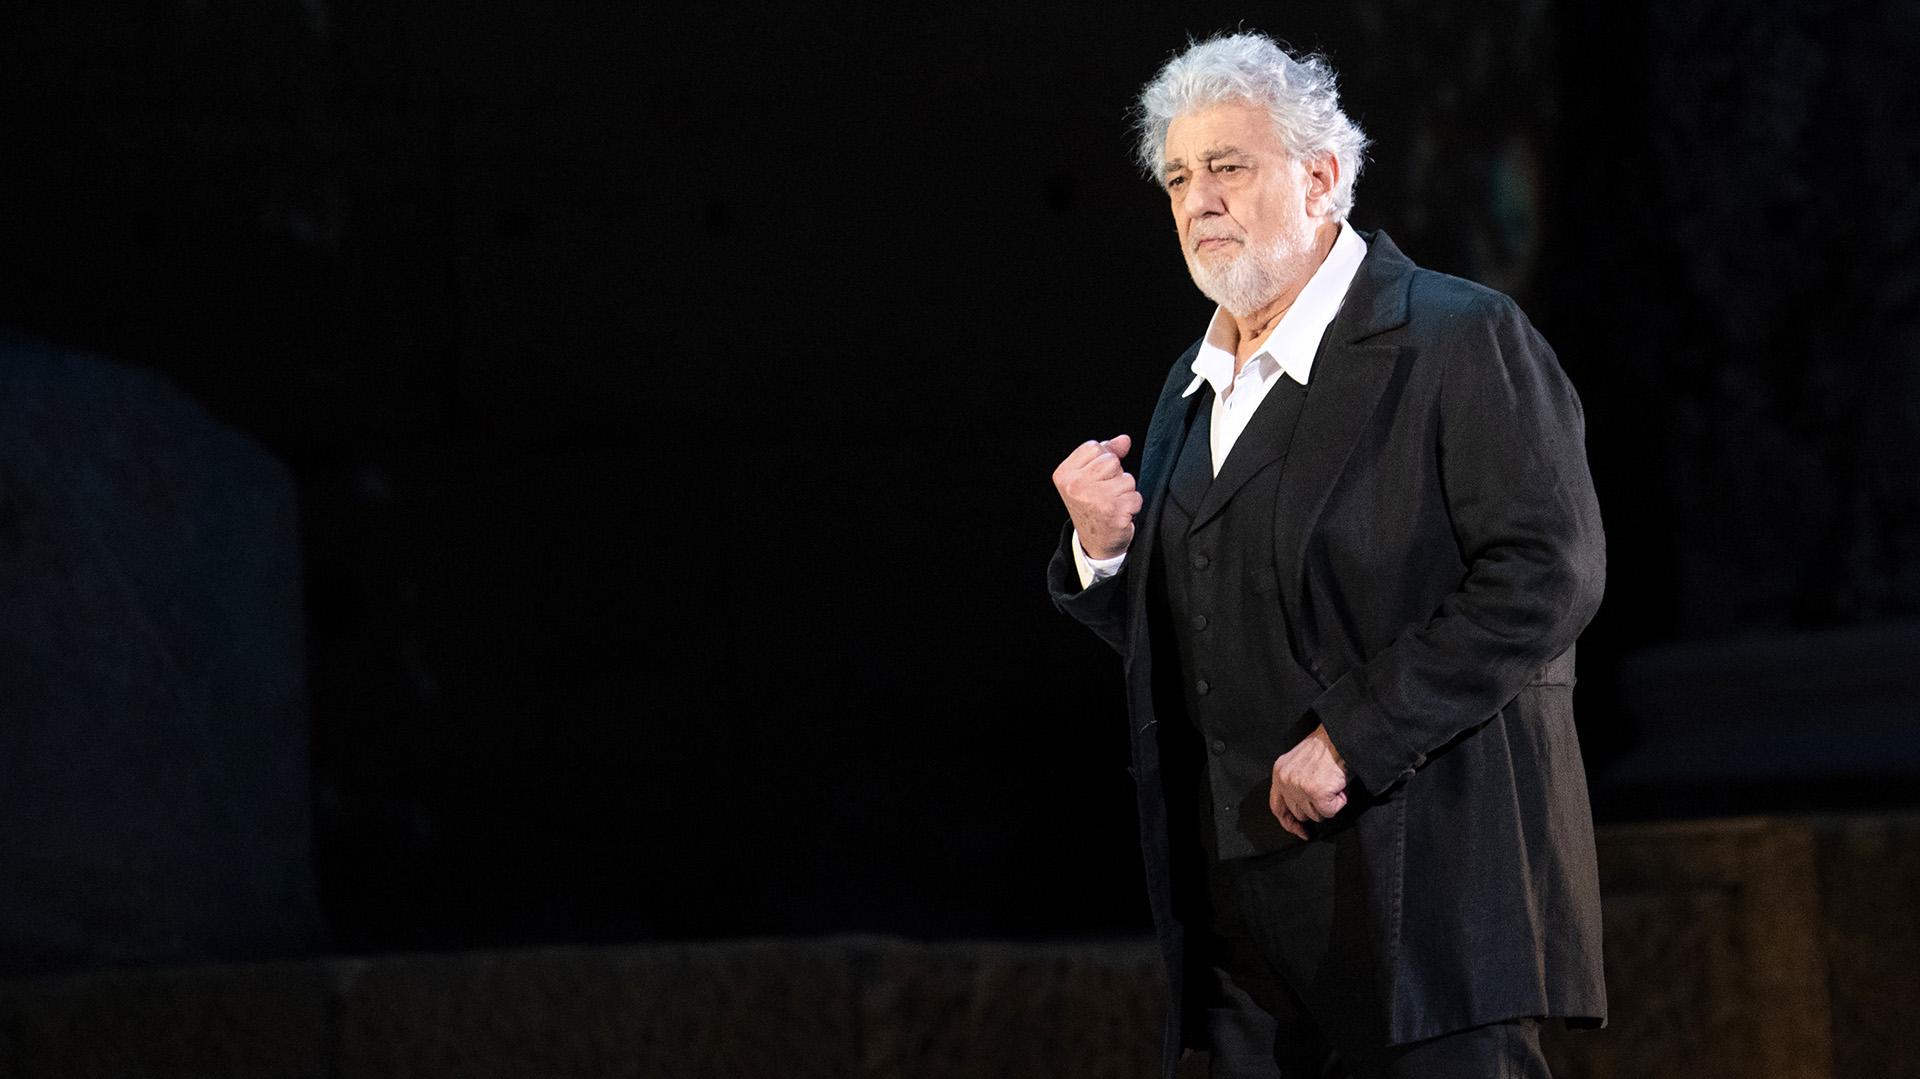 Plácido Domingo renuncia a dirección general de Ópera de Los Angeles